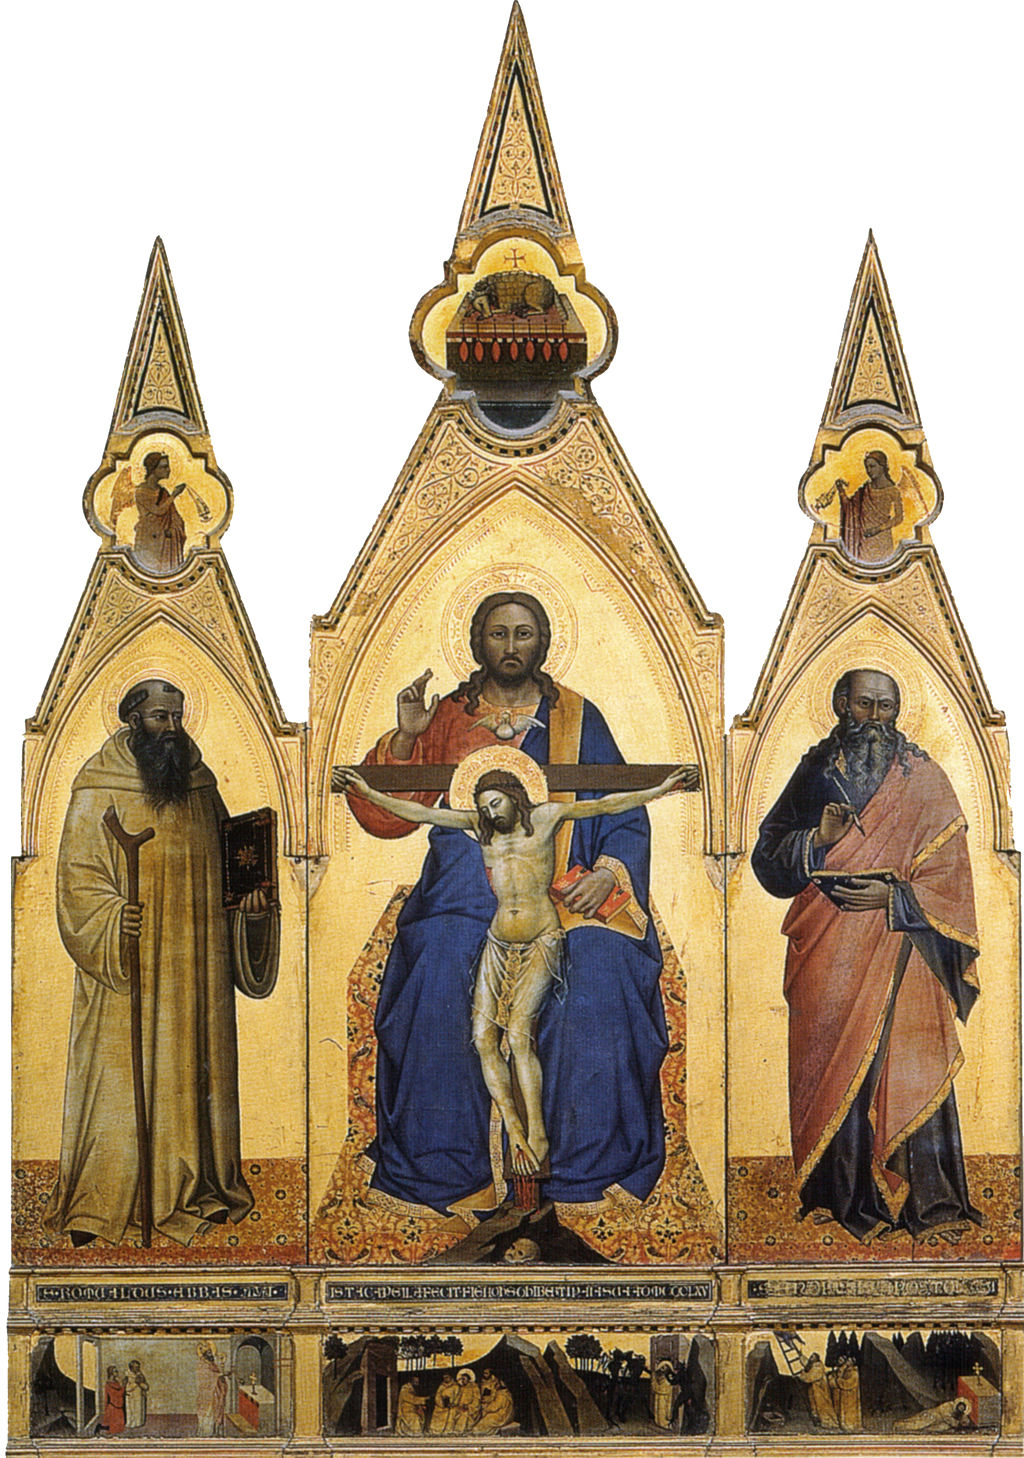 Nardo di Cione, Trittico del Thronum Gratiae, 1365, tempera e oro su tavola, Galleria dell'Accademia, Firenze